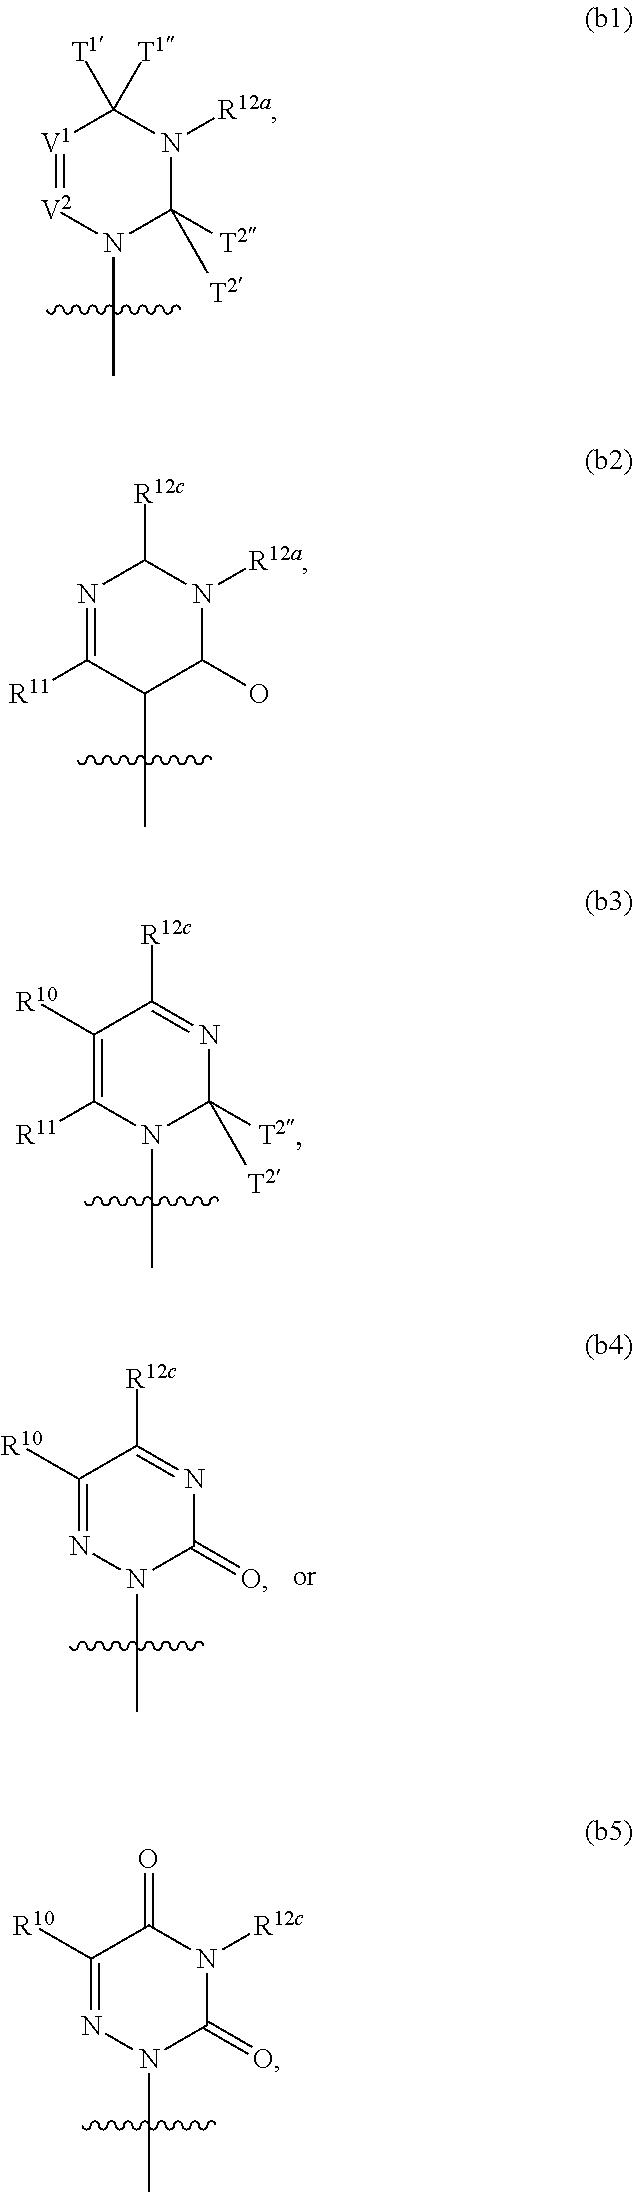 Figure US20150064235A1-20150305-C00096